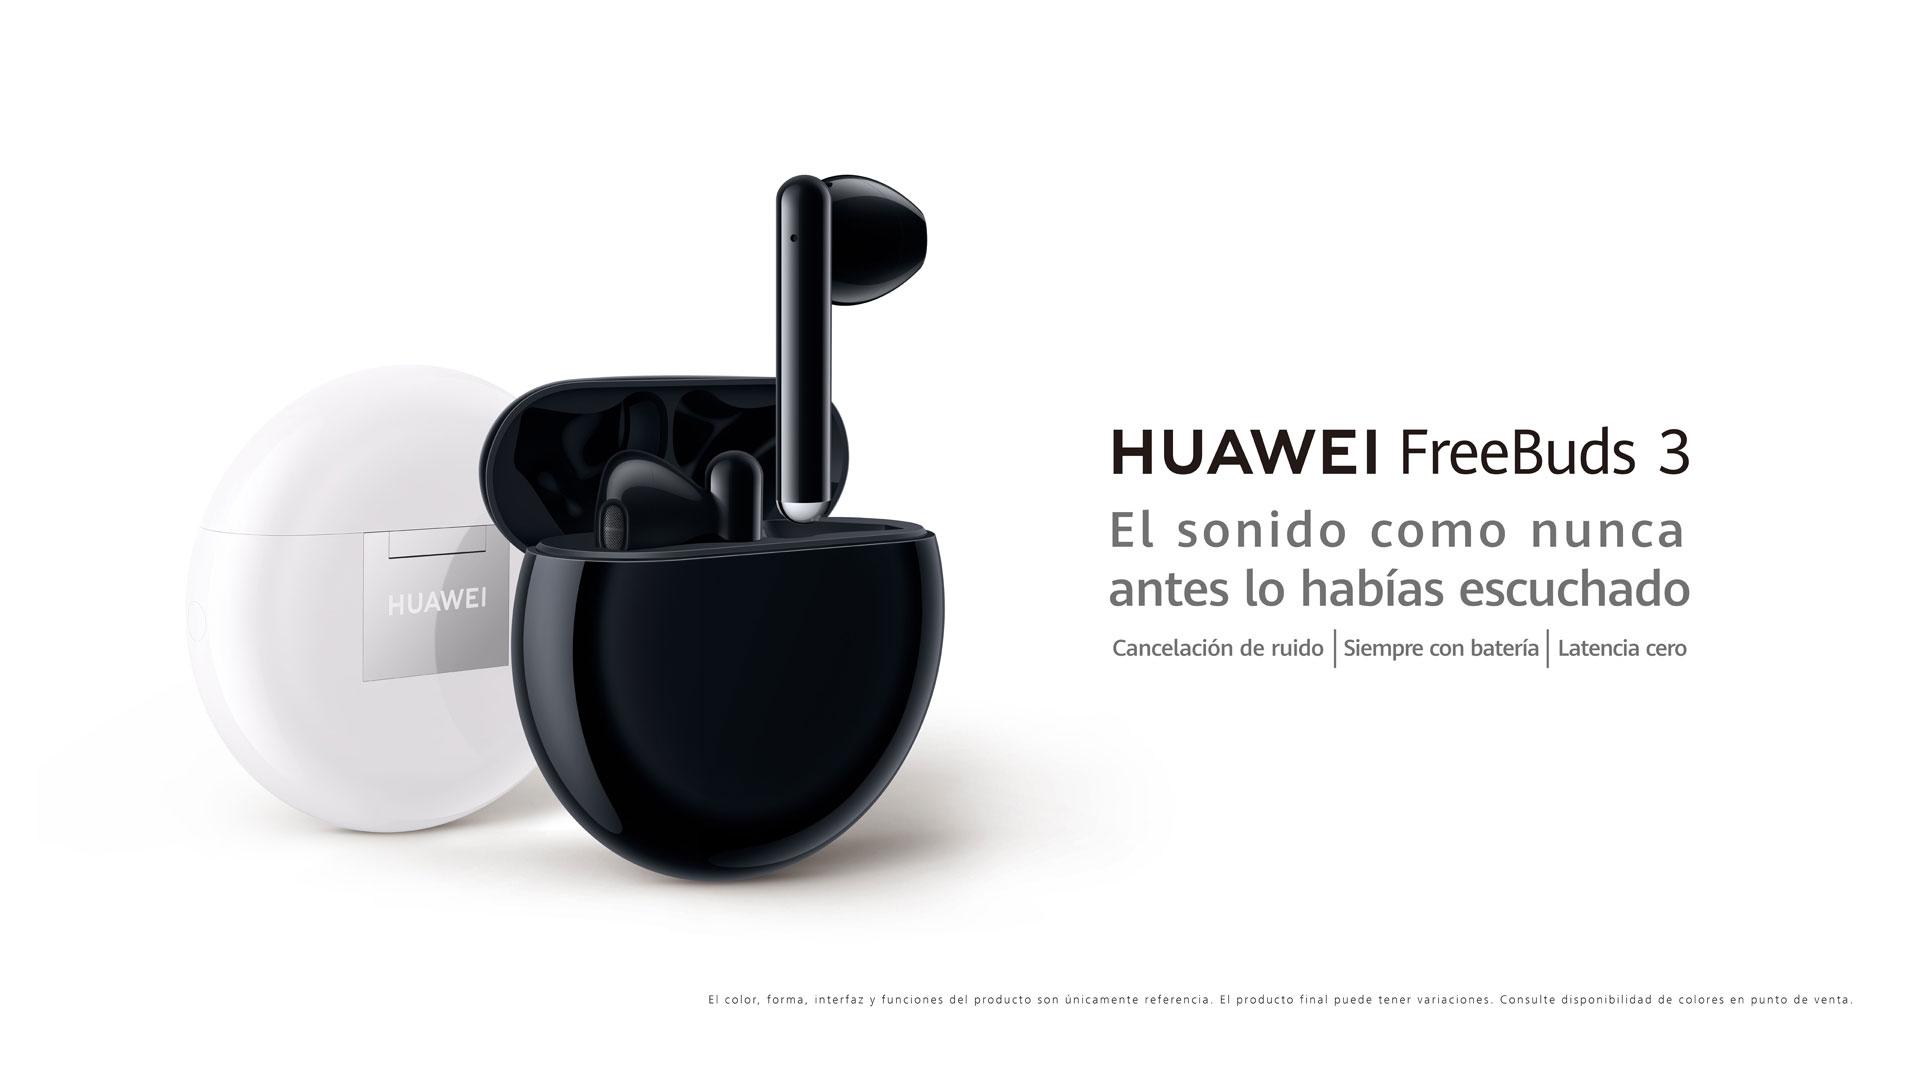 Imagen promocional de Huawei FreeBuds 3